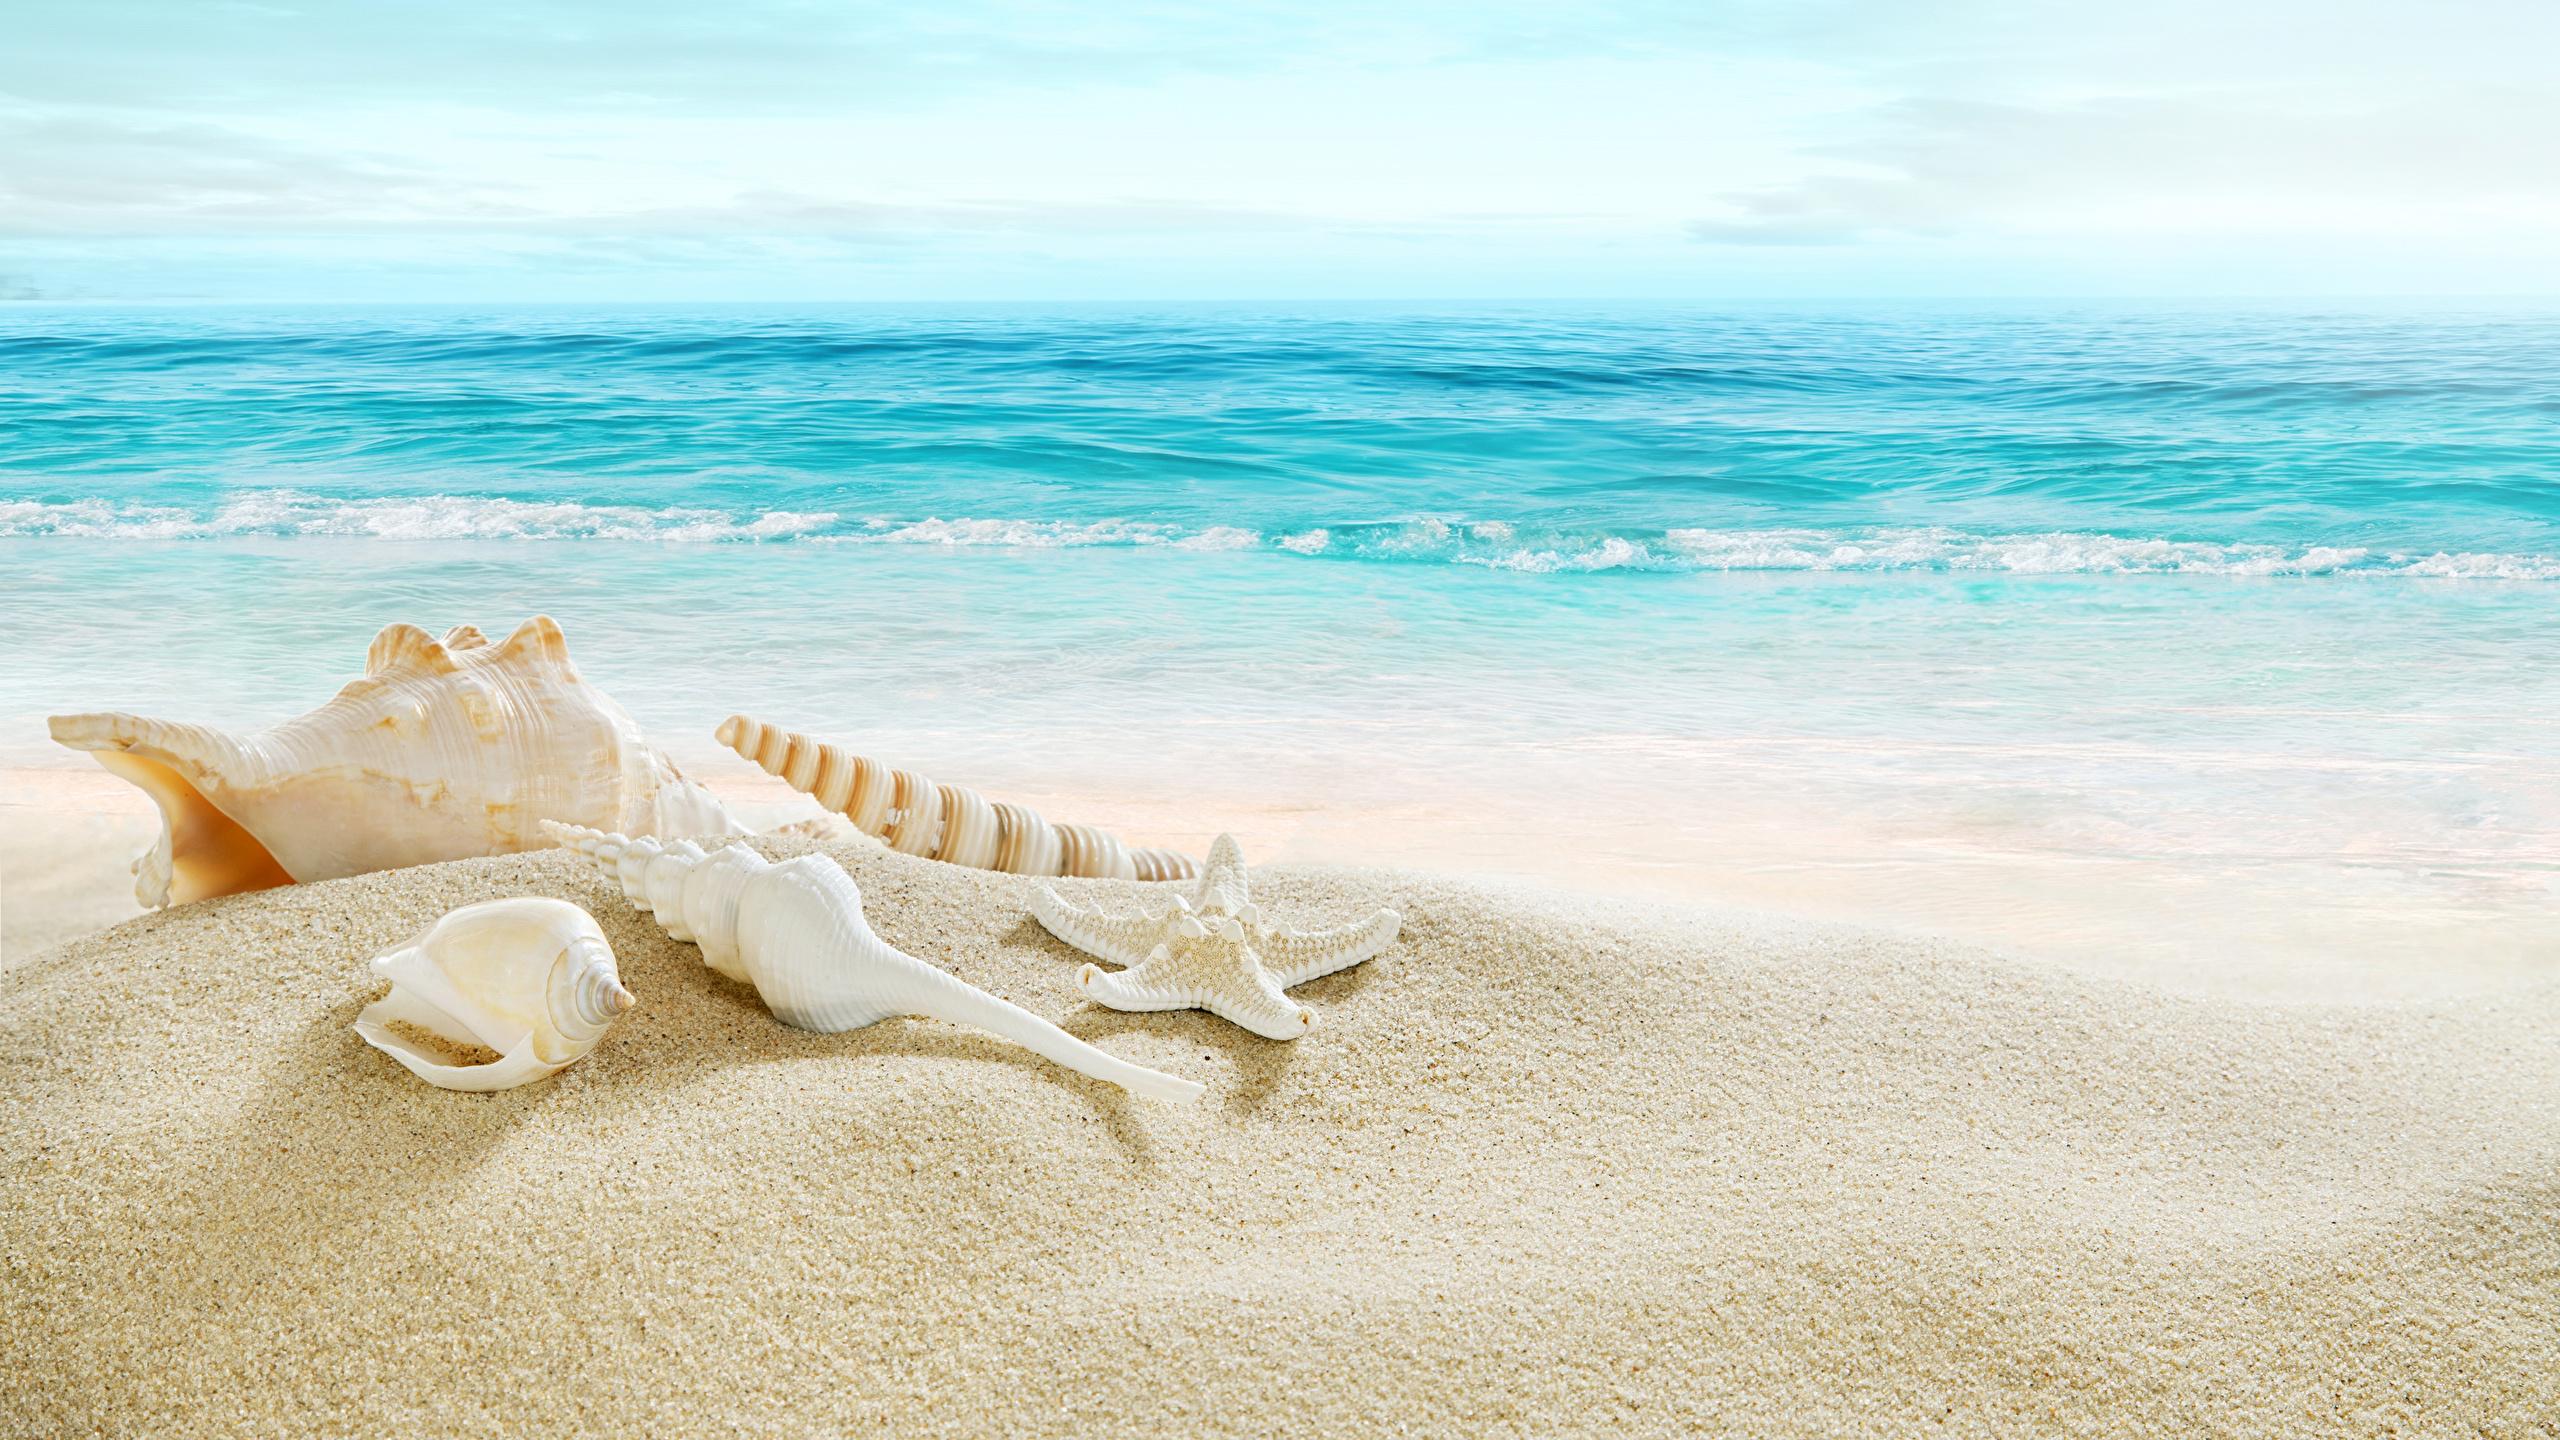 壁紙 2560x1440 海 海岸 貝殻 ビーチ 自然 ダウンロード 写真